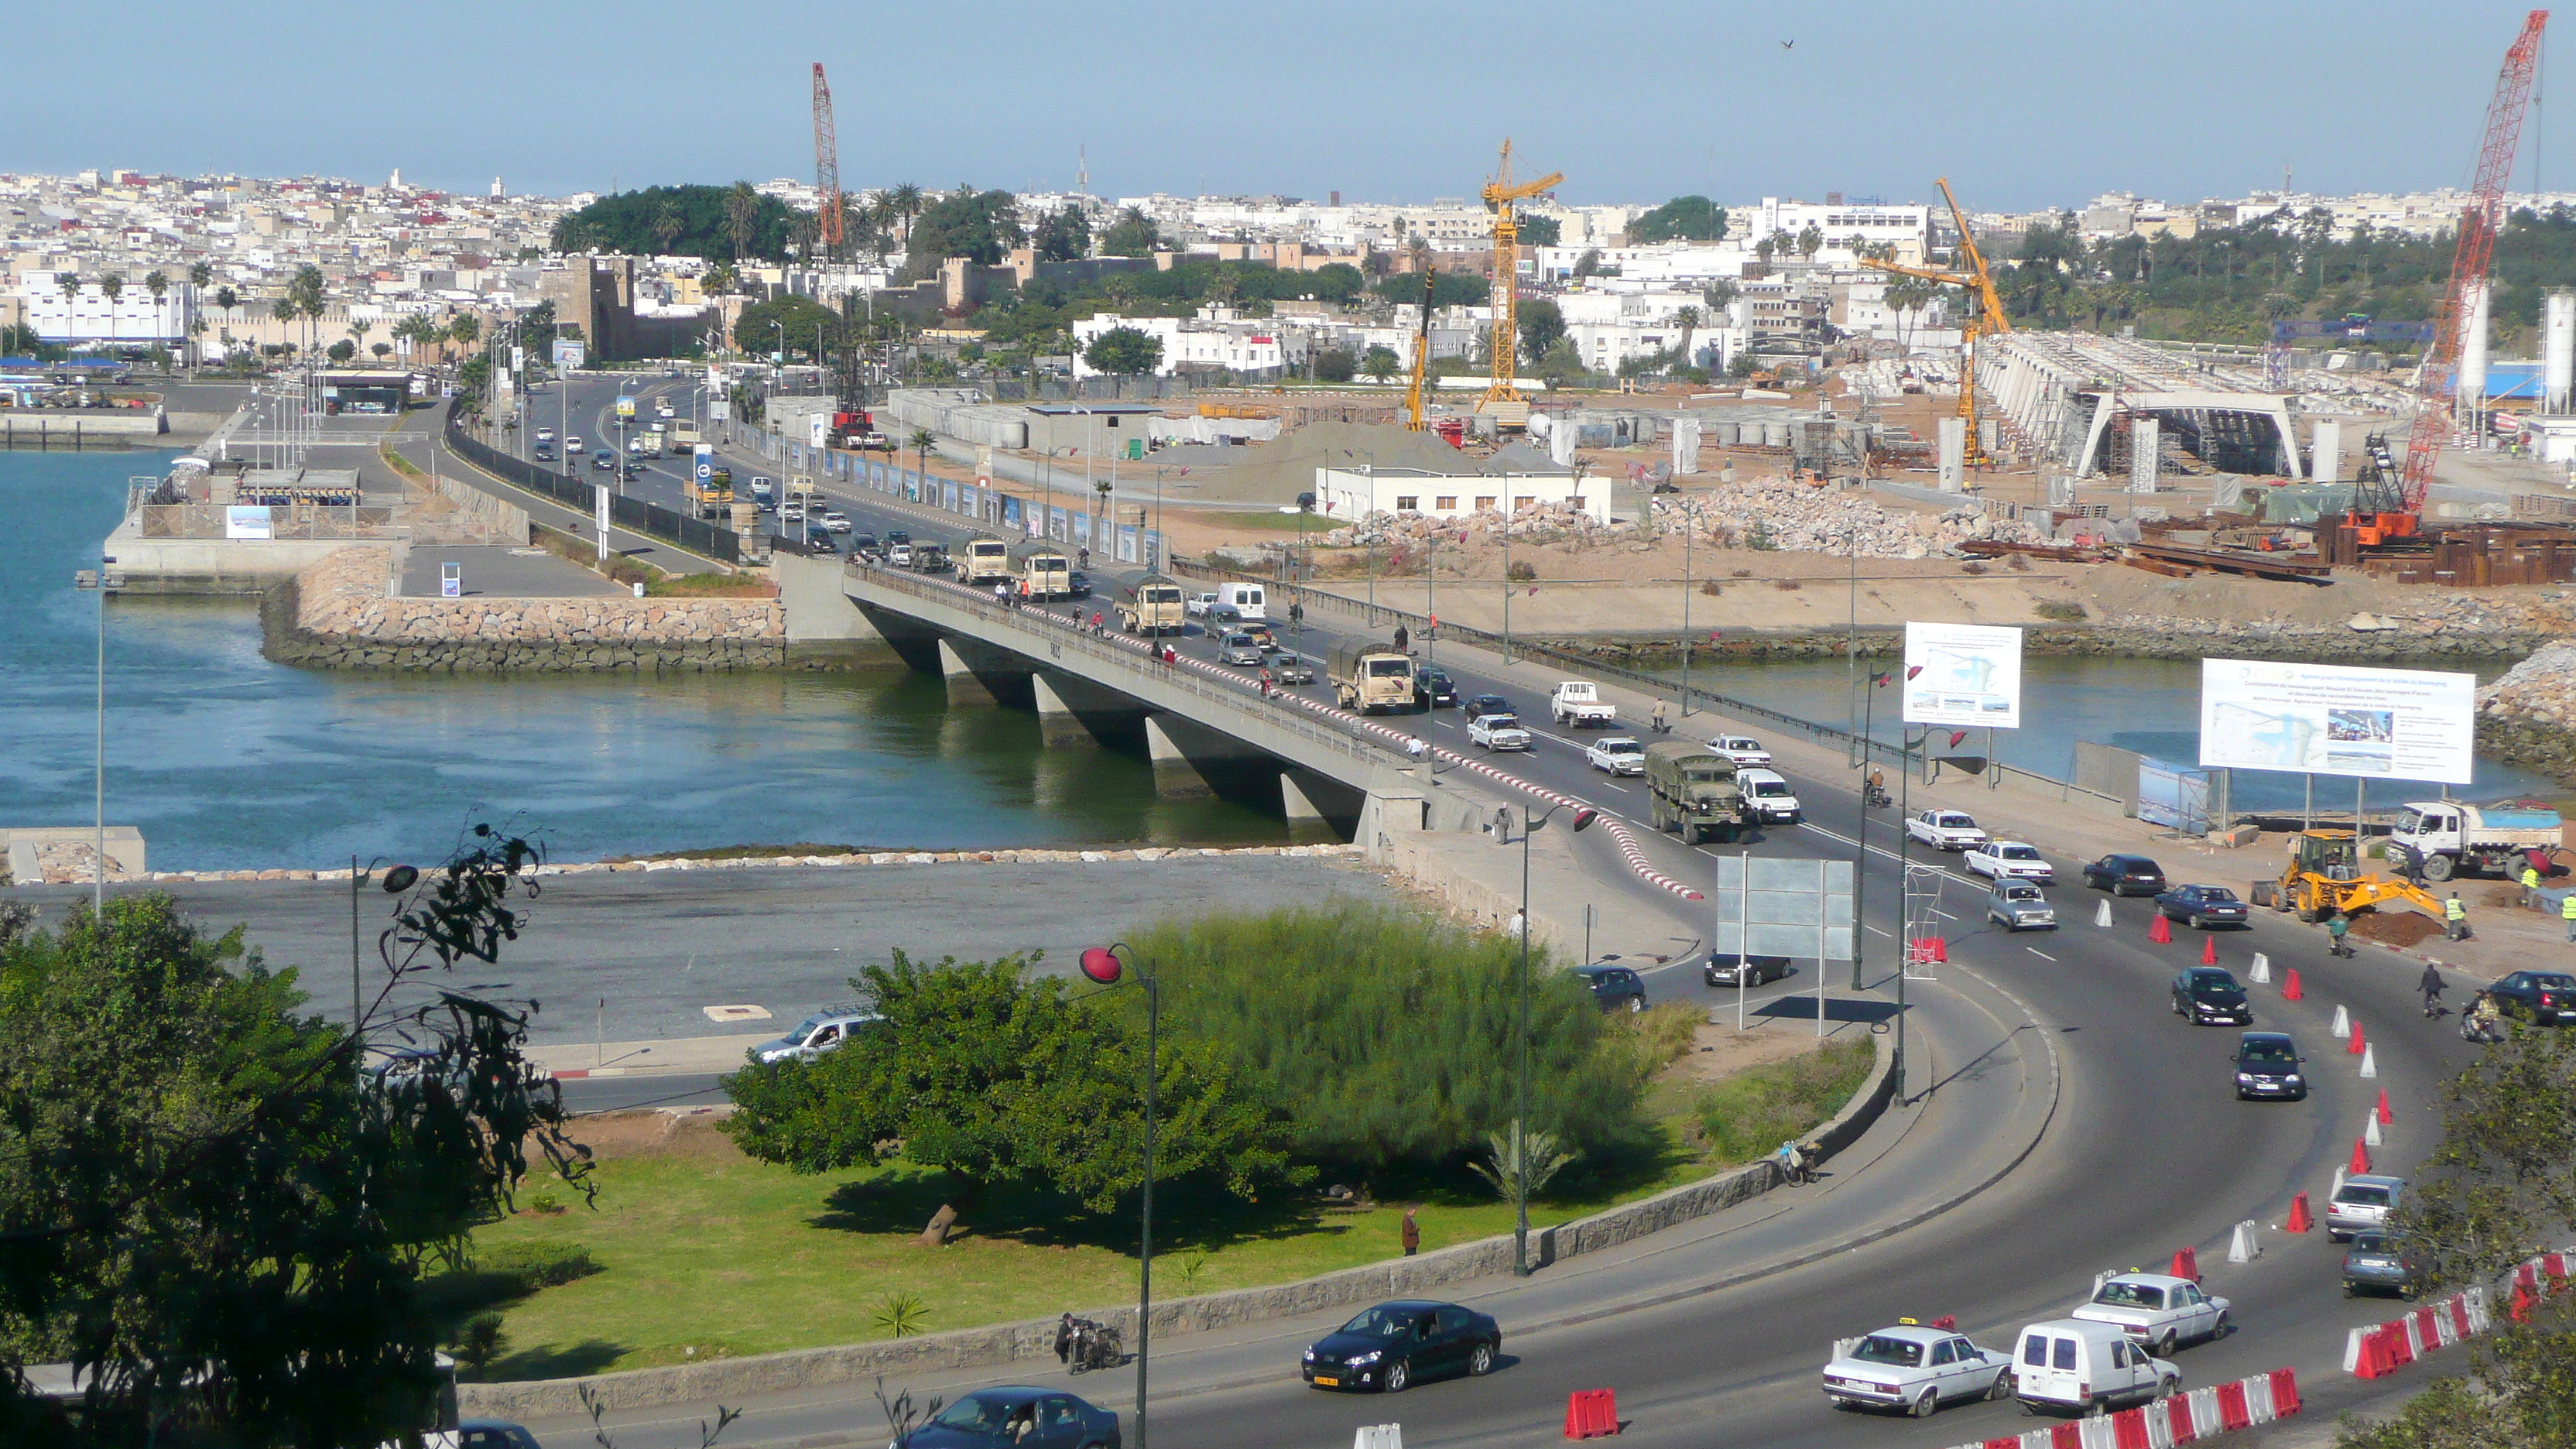 اكتشف المغرب في عشر دقائق  من أمواج الاندلس Pont_routier_entre_Rabat_et_Sal%C3%A9_P1060408